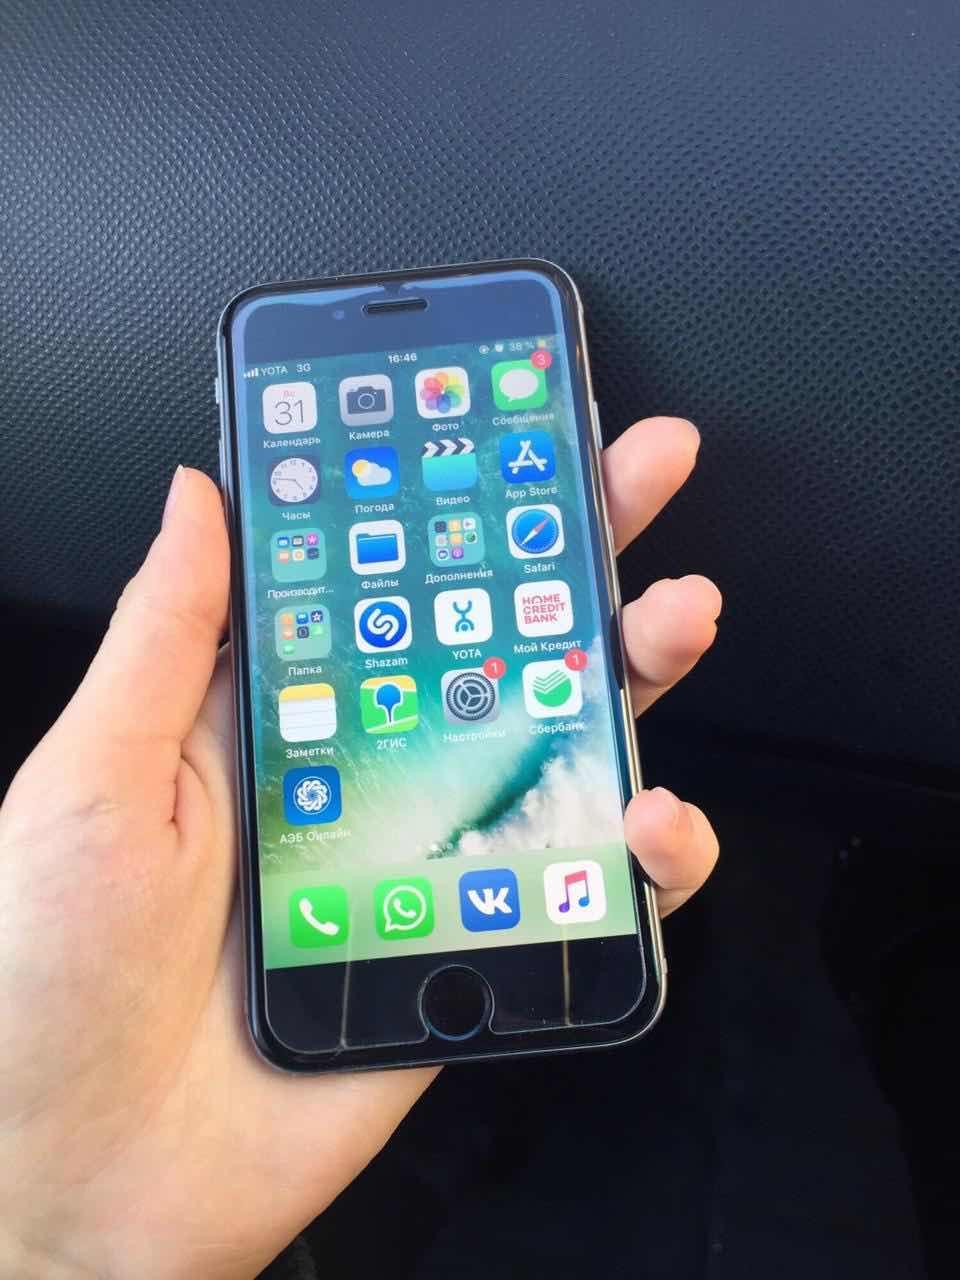 купить айфон 6 в кредит онлайн